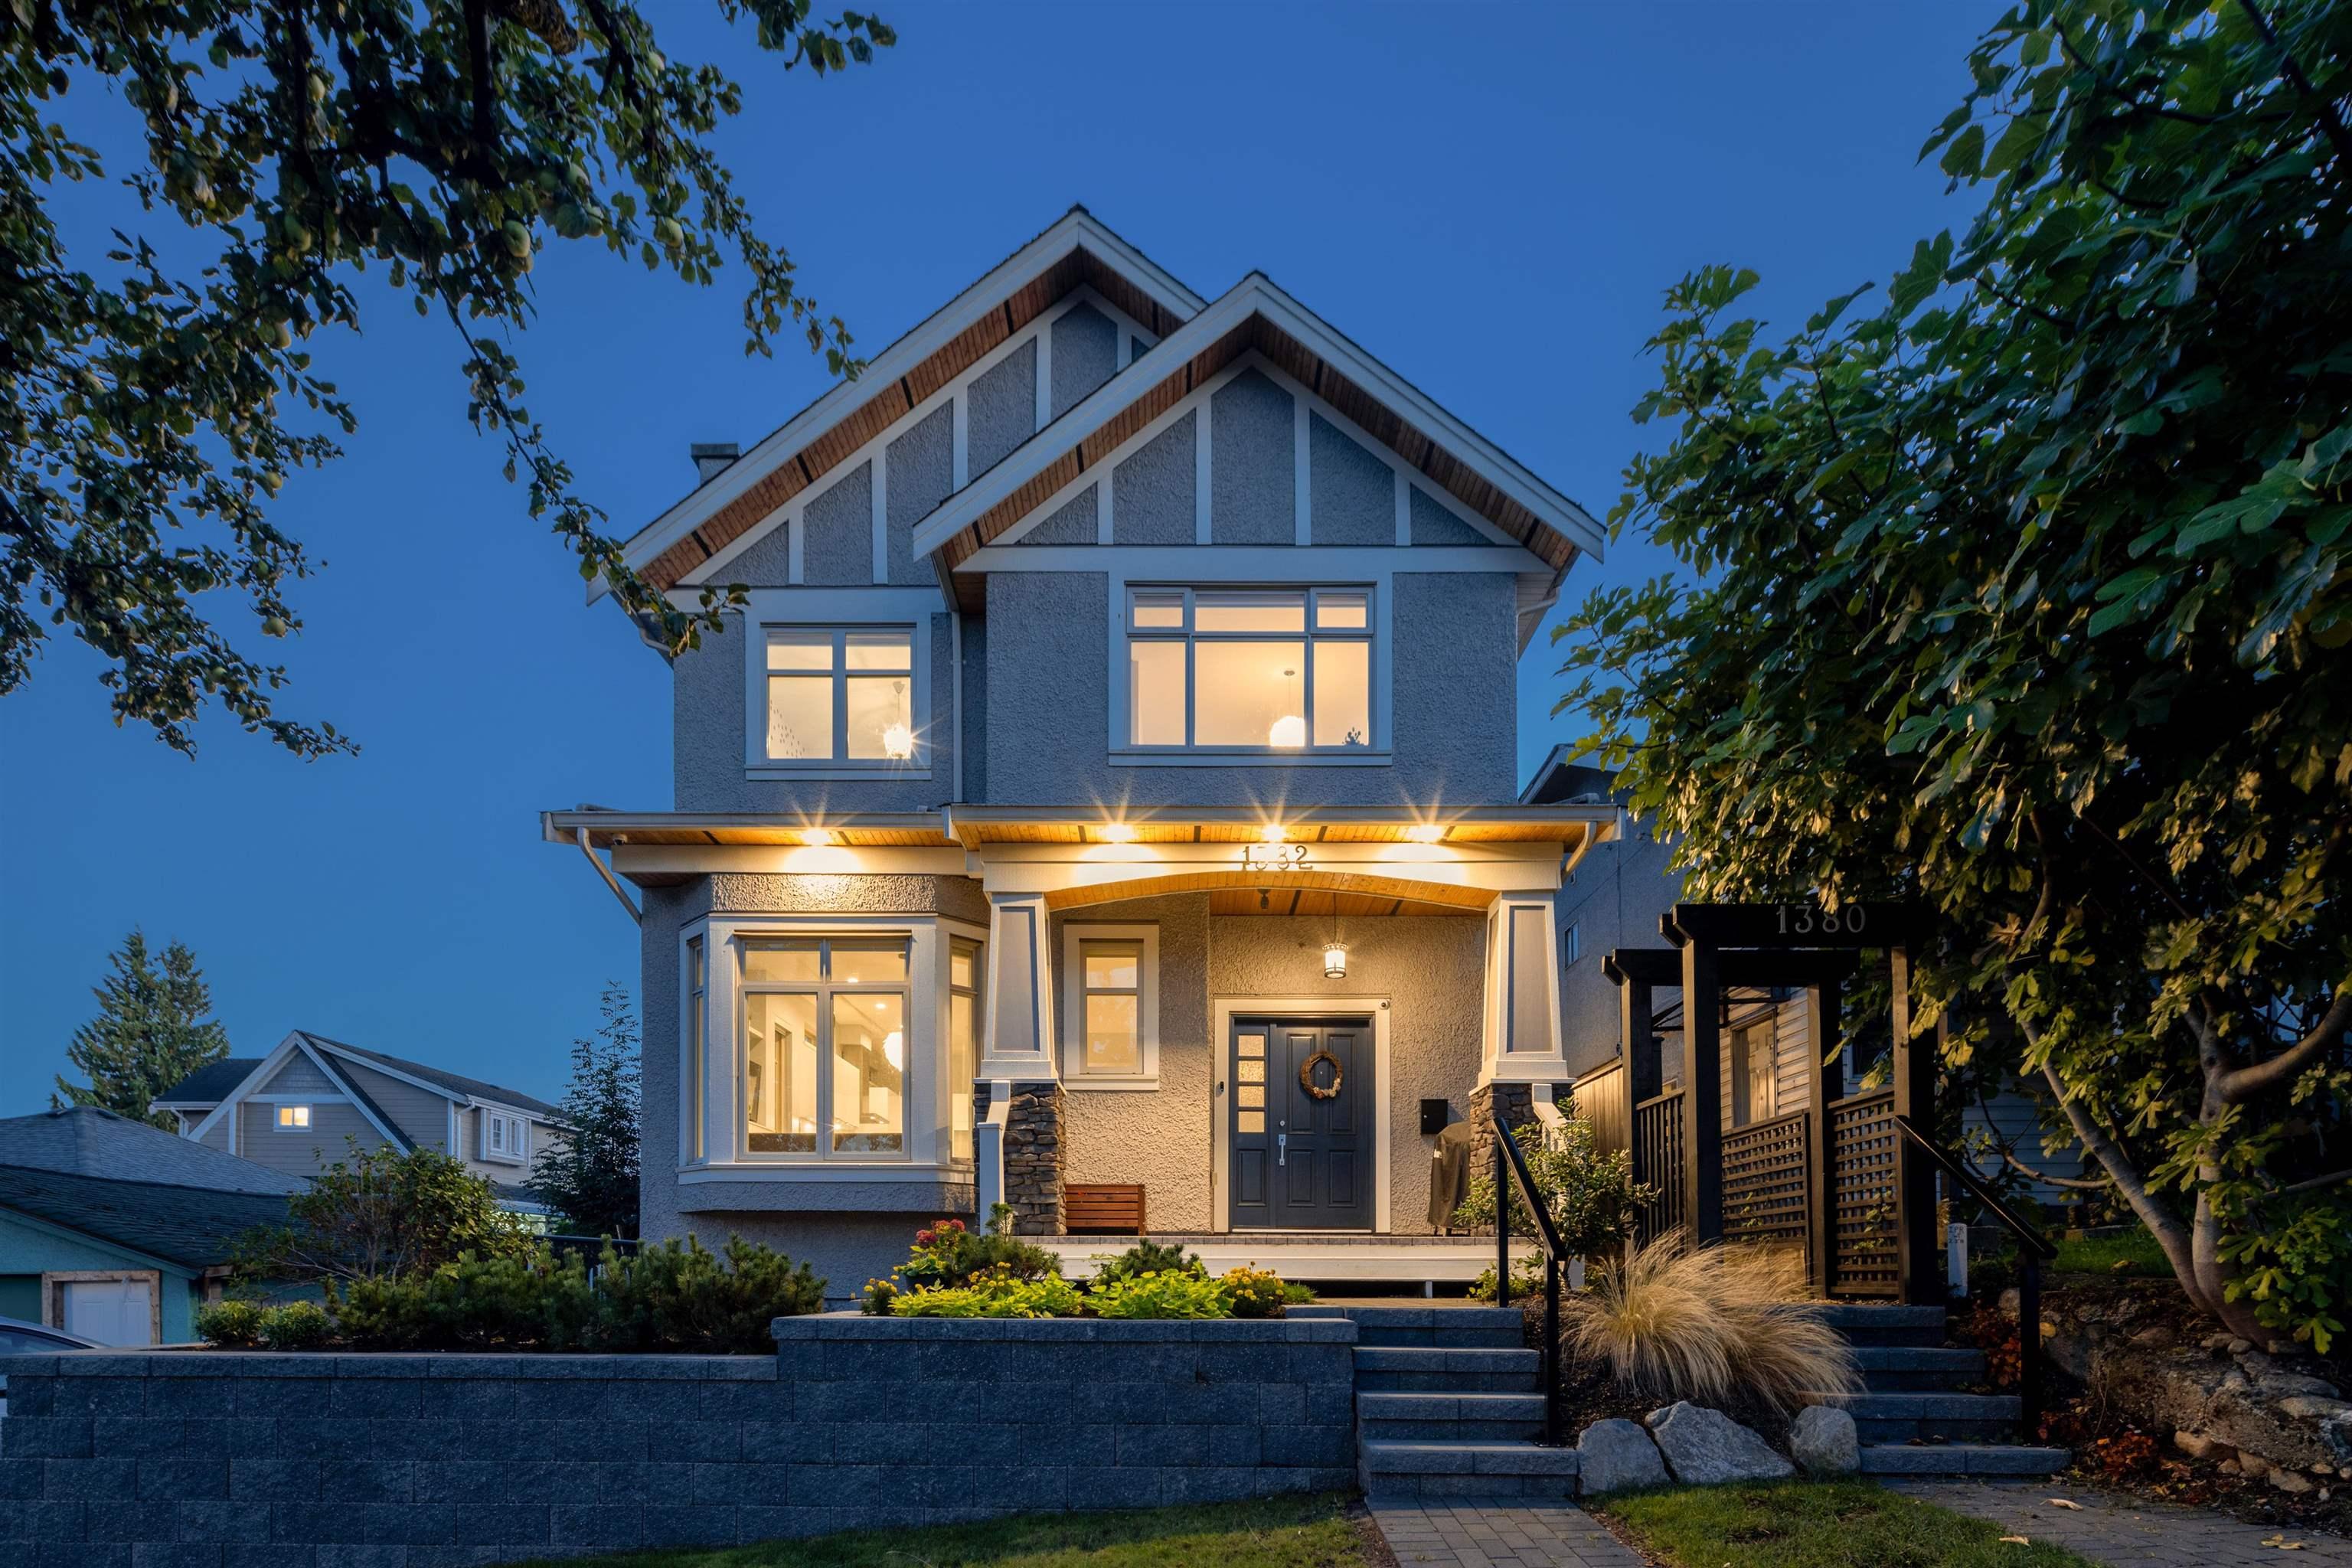 1382 E 17TH AVENUE - Knight 1/2 Duplex for sale, 3 Bedrooms (R2621483) - #1